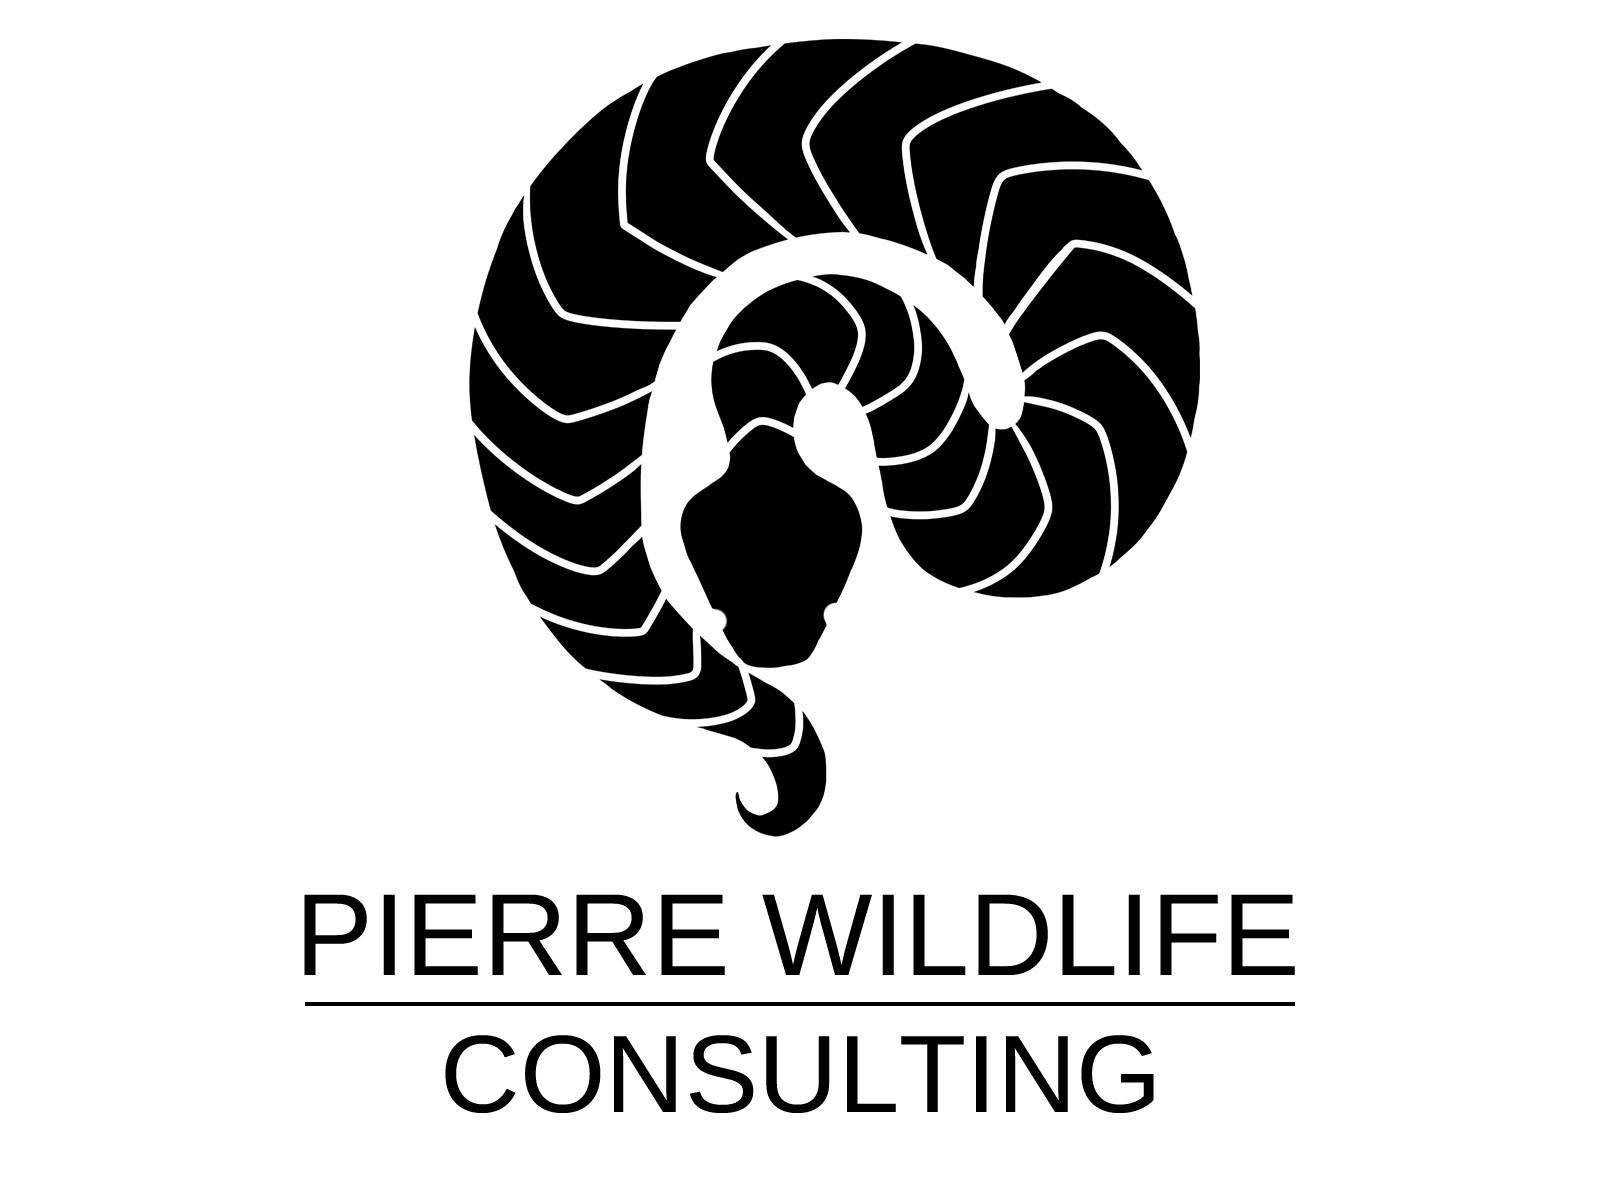 Pierre Wildlife Consulting